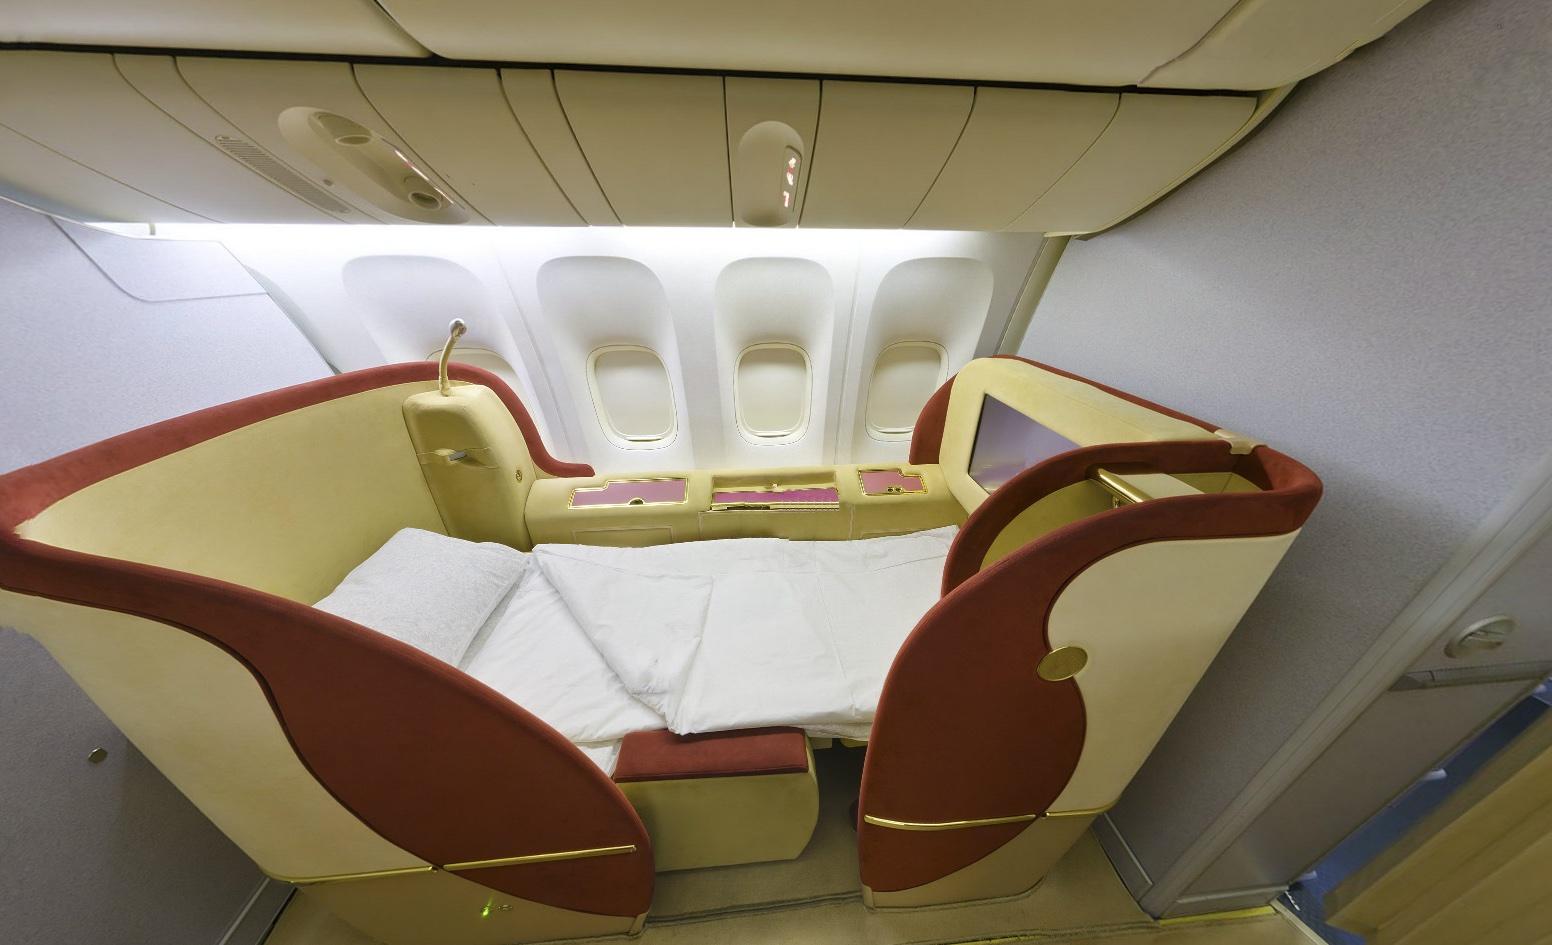 появляются империал класс в самолете фото причине физических особенностей